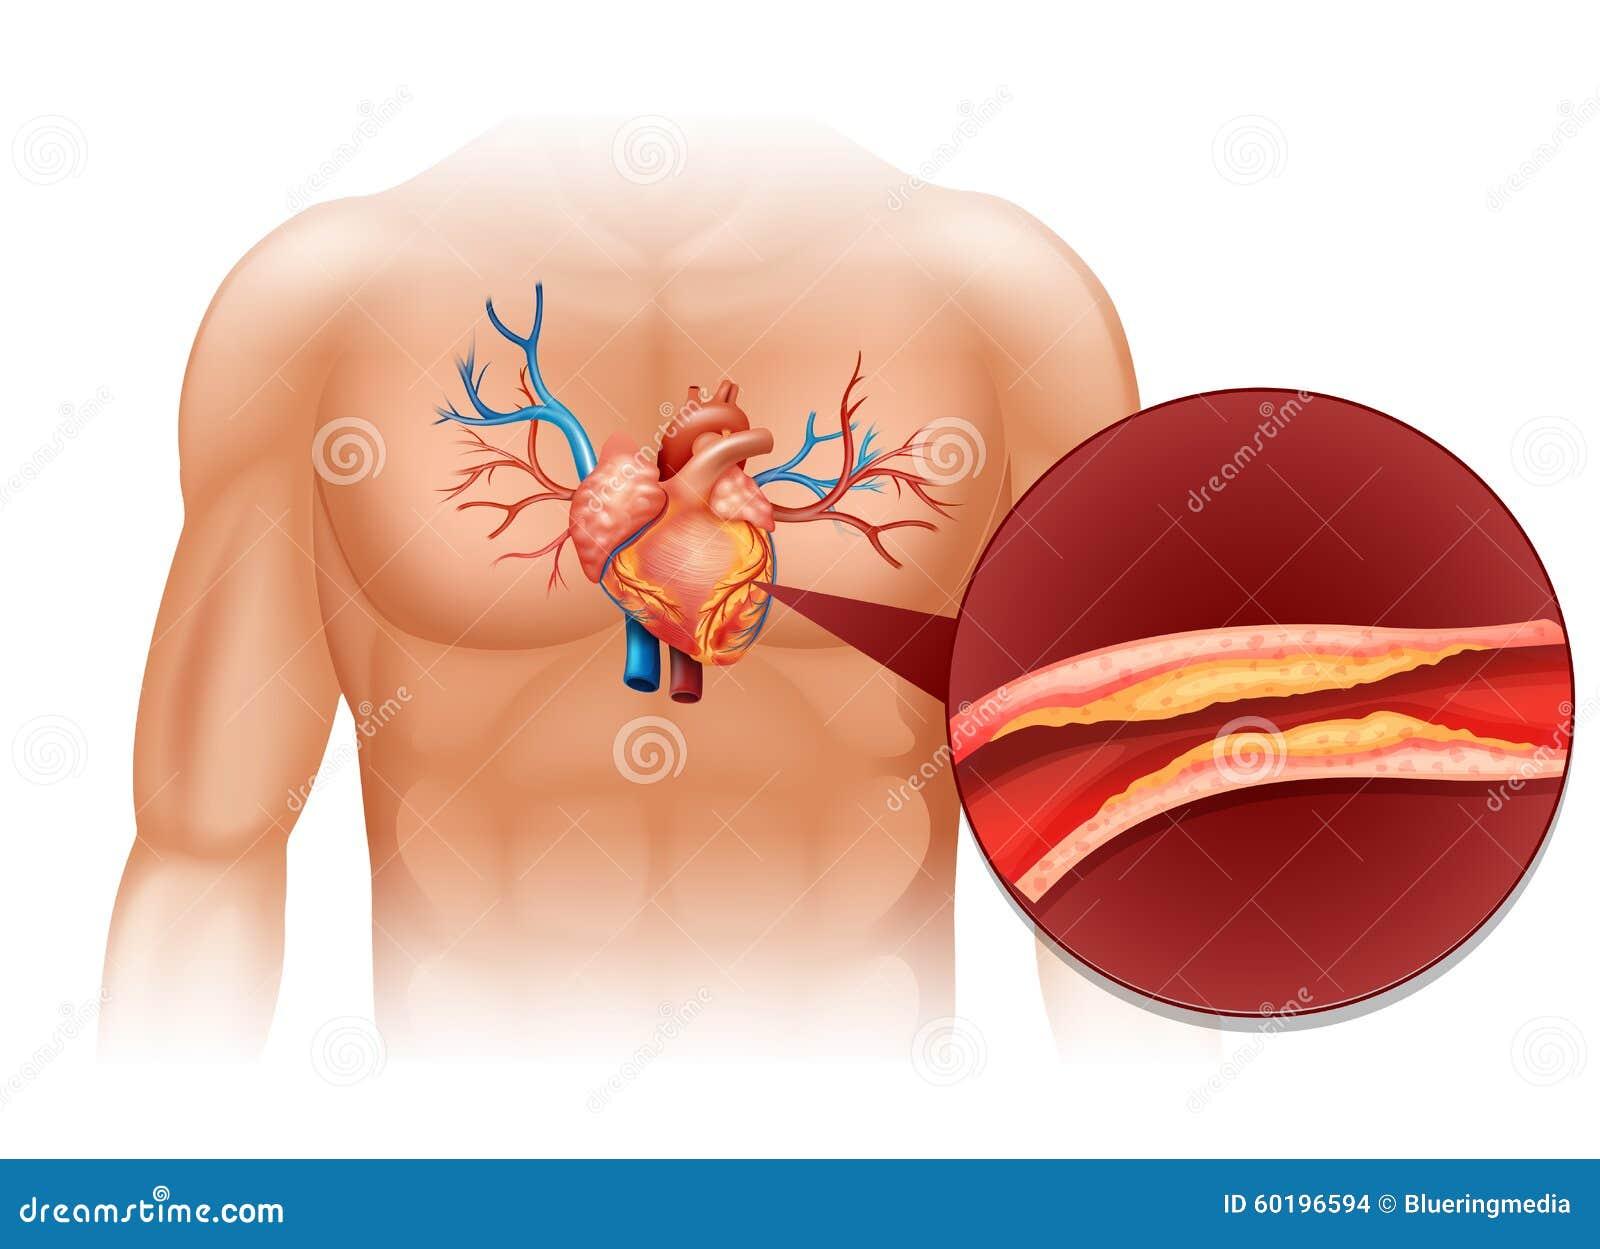 Colesterol Del Corazón En Cuerpo Humano Ilustración del Vector ...